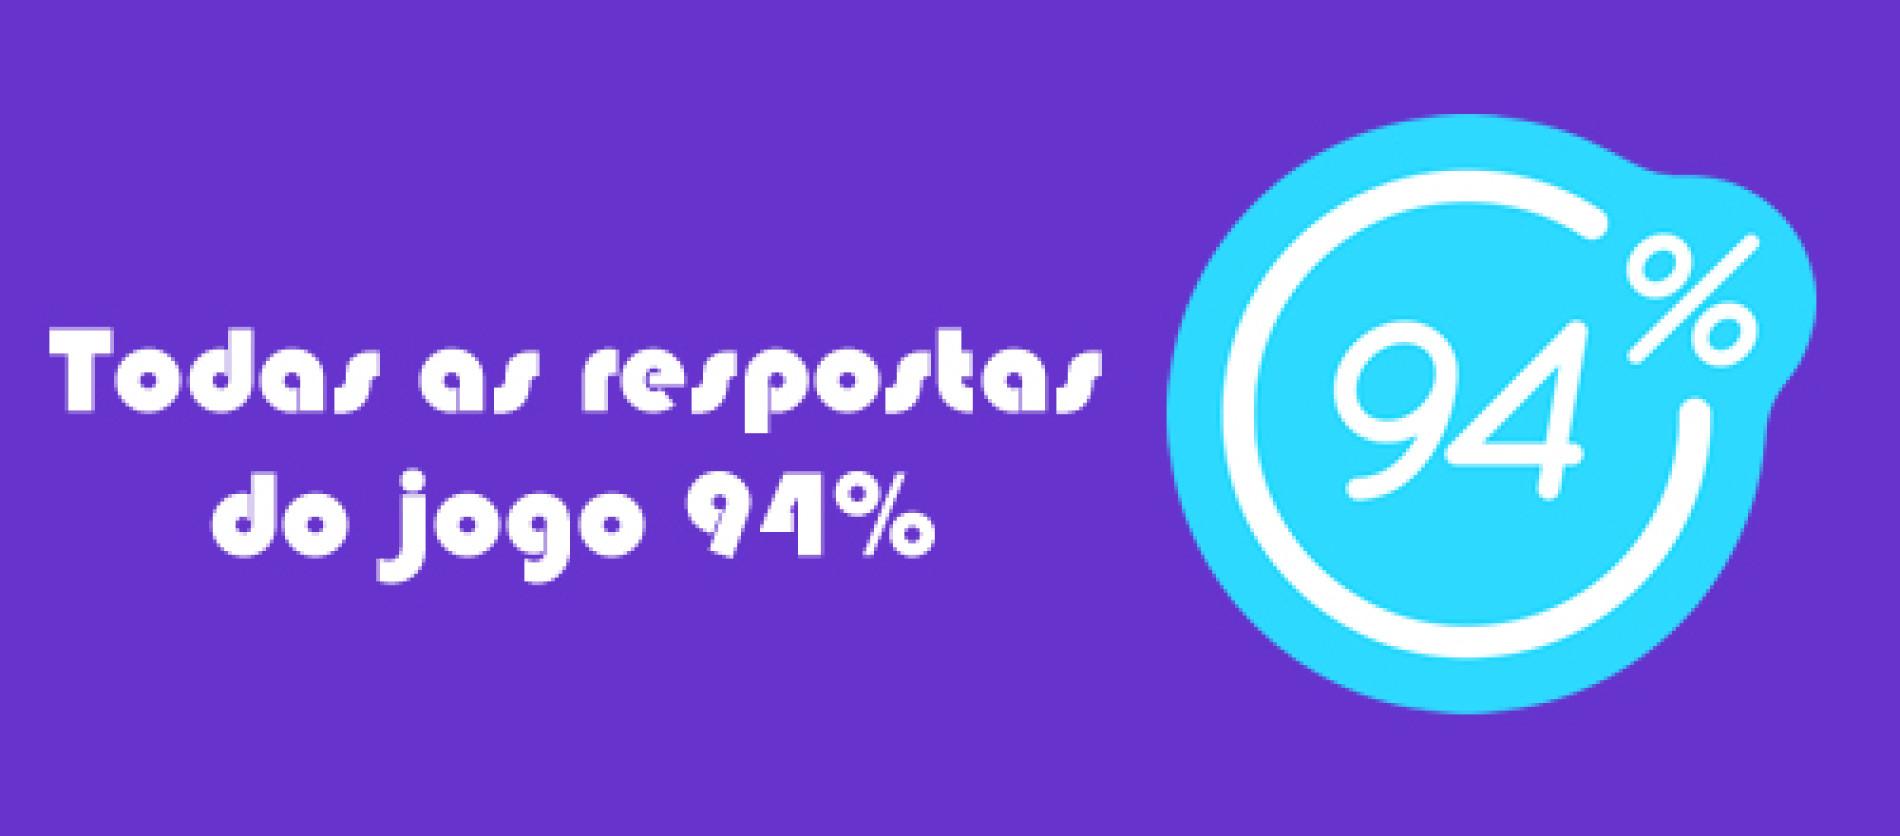 94% TODAS as respostas do jogo – App Android e IOS